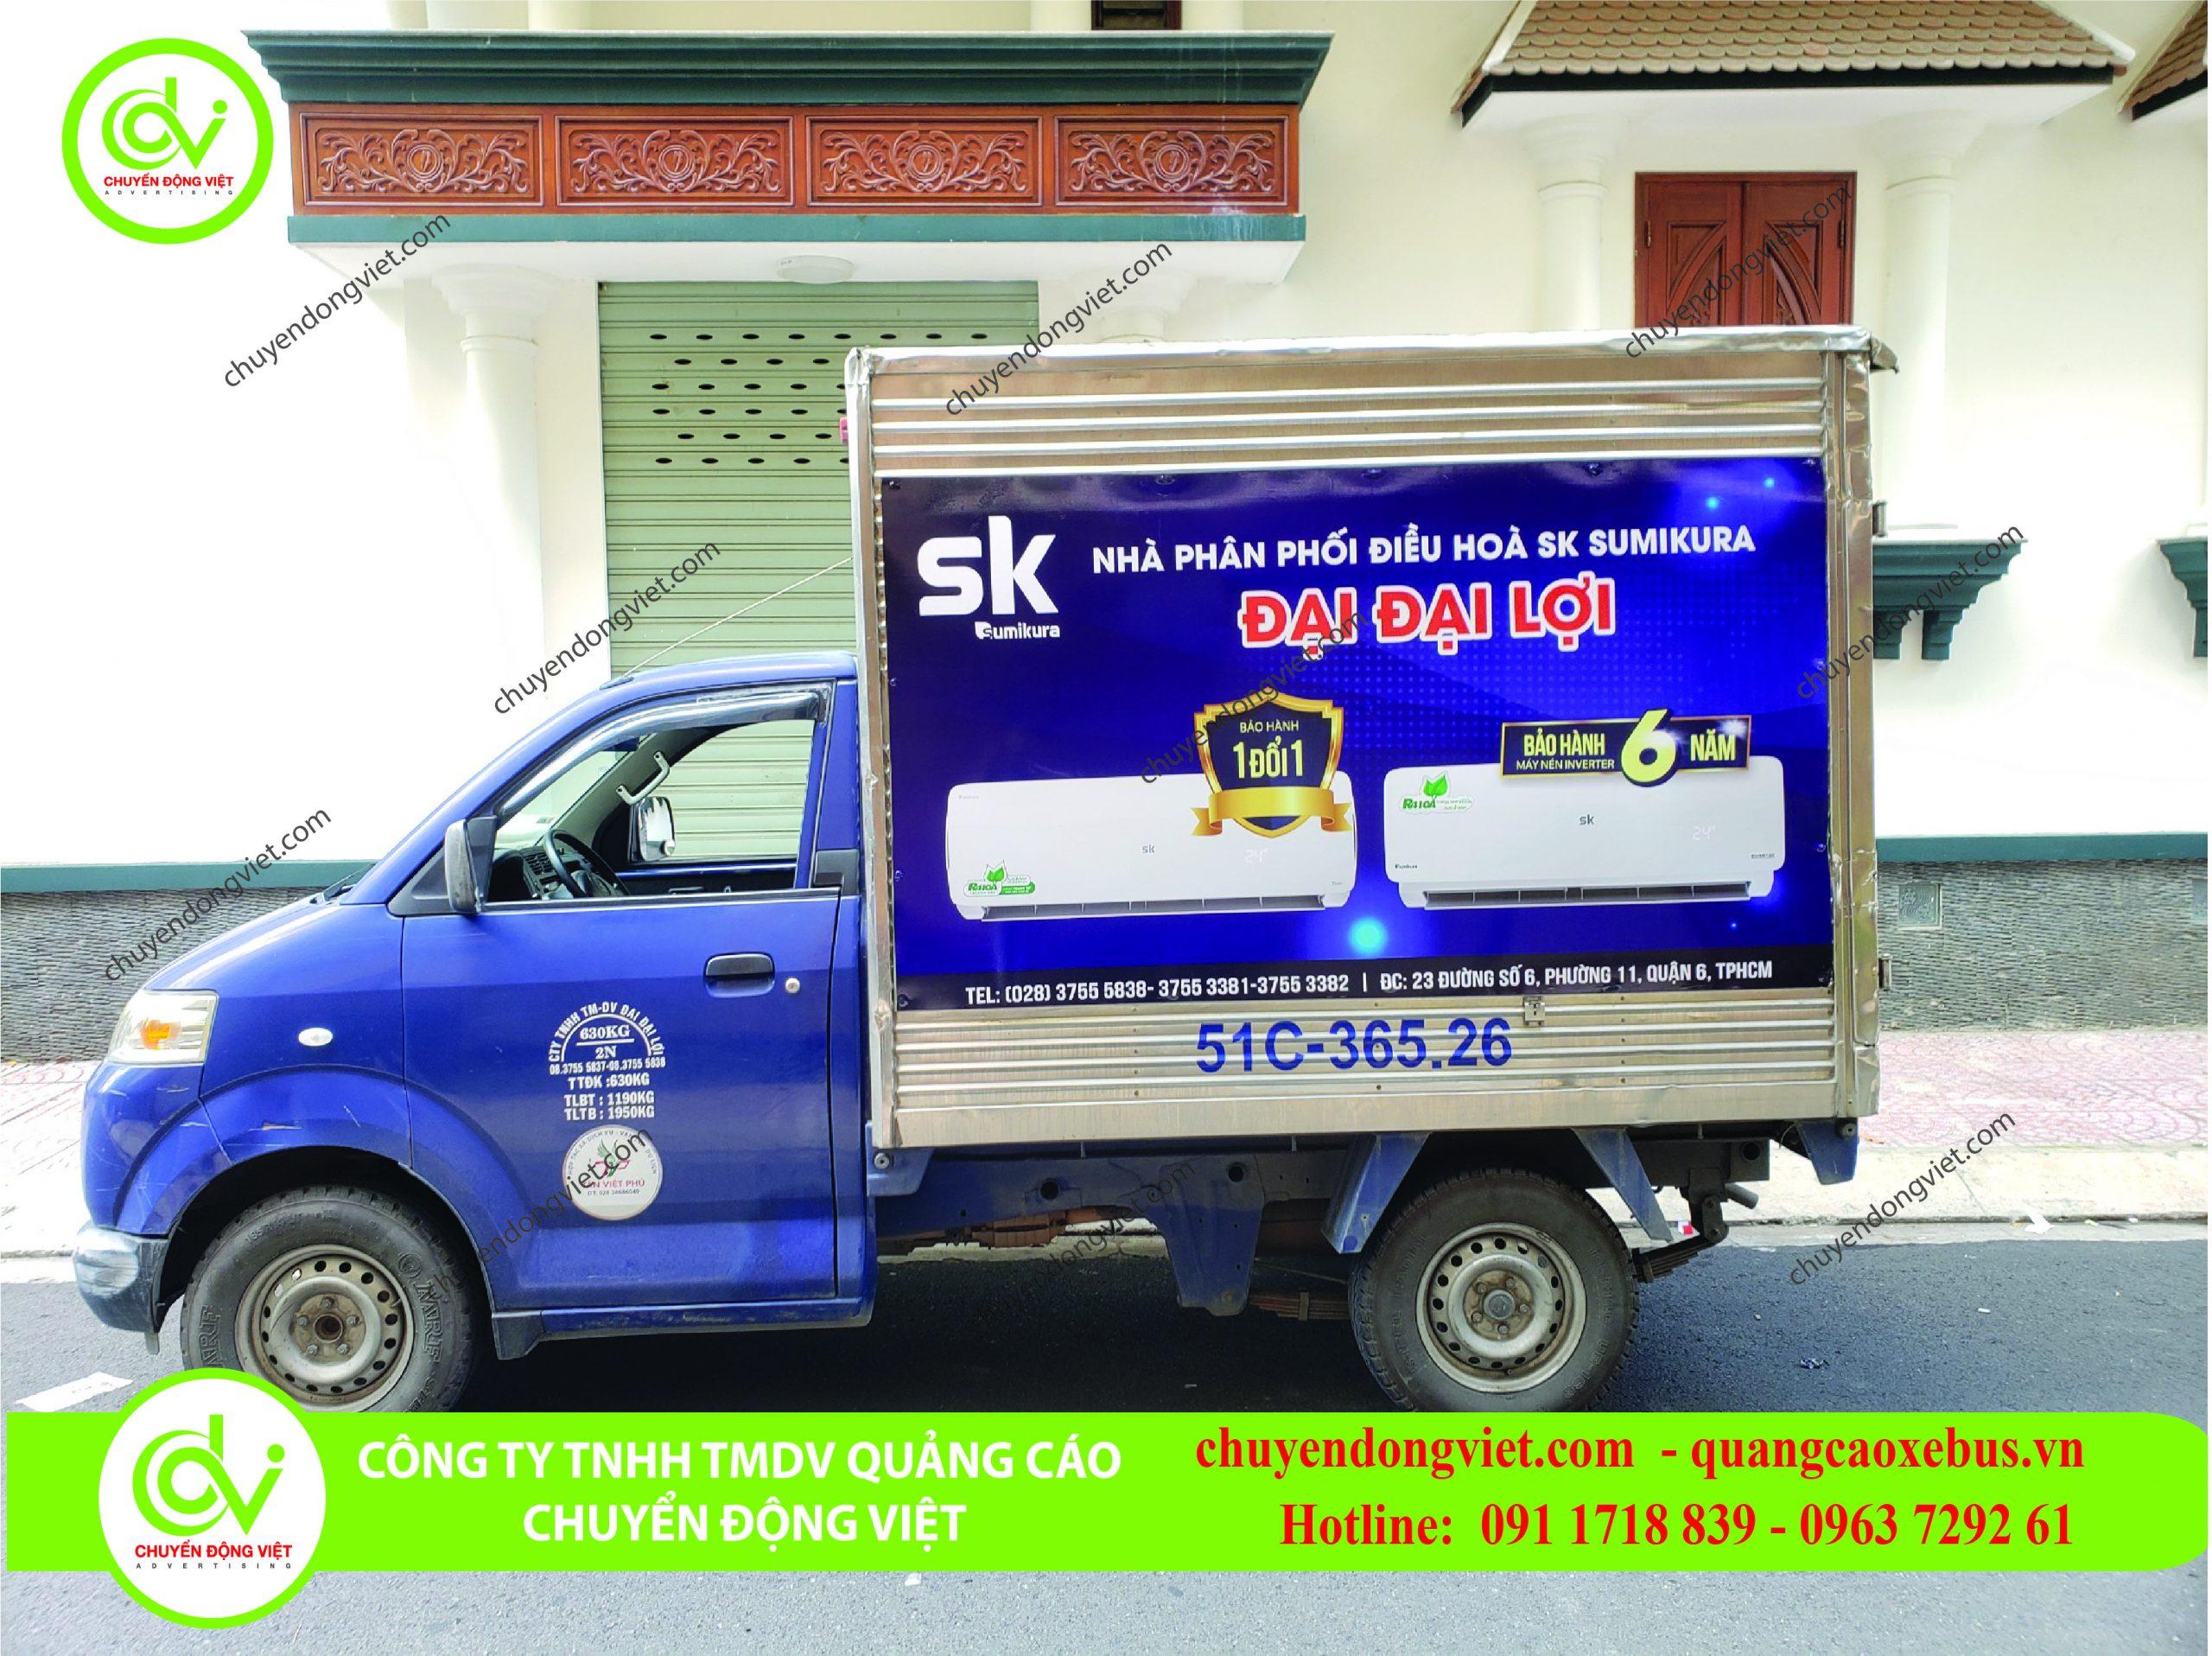 Hình ảnh khách hàng quảng cáo dán decan thùng xe tải